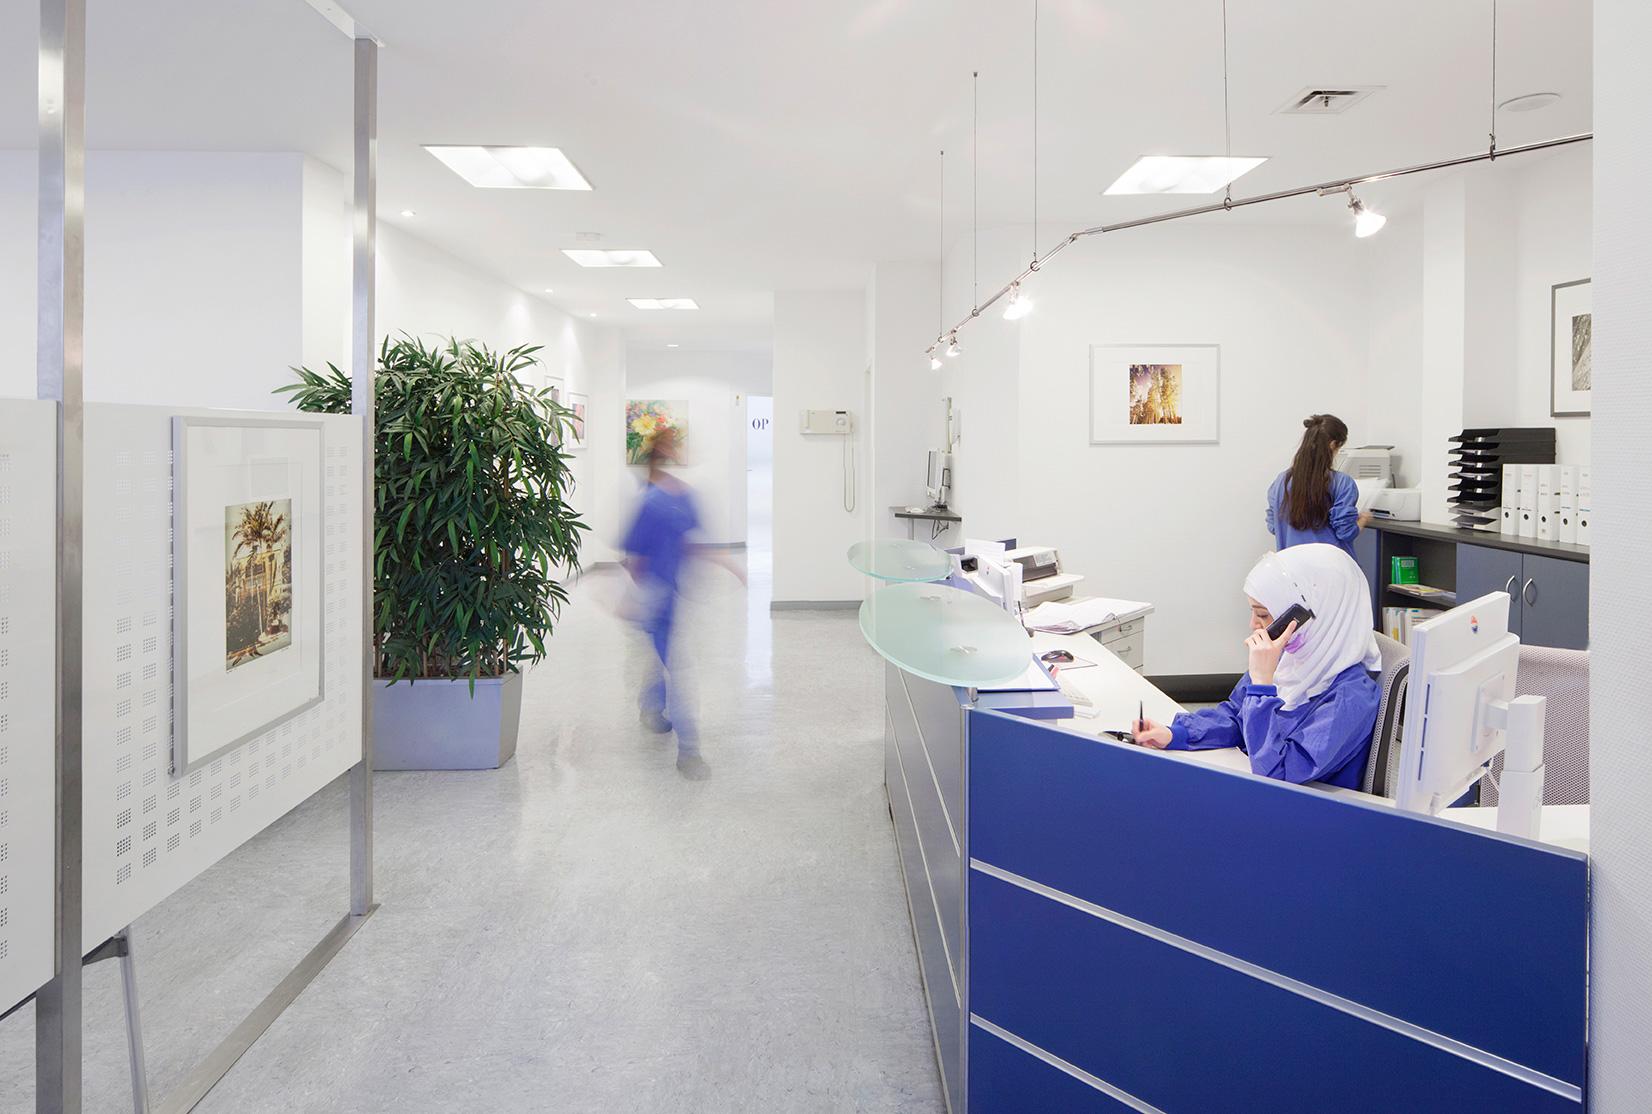 Praxis für Mund-, Kiefer- und Gesichtschirurgie